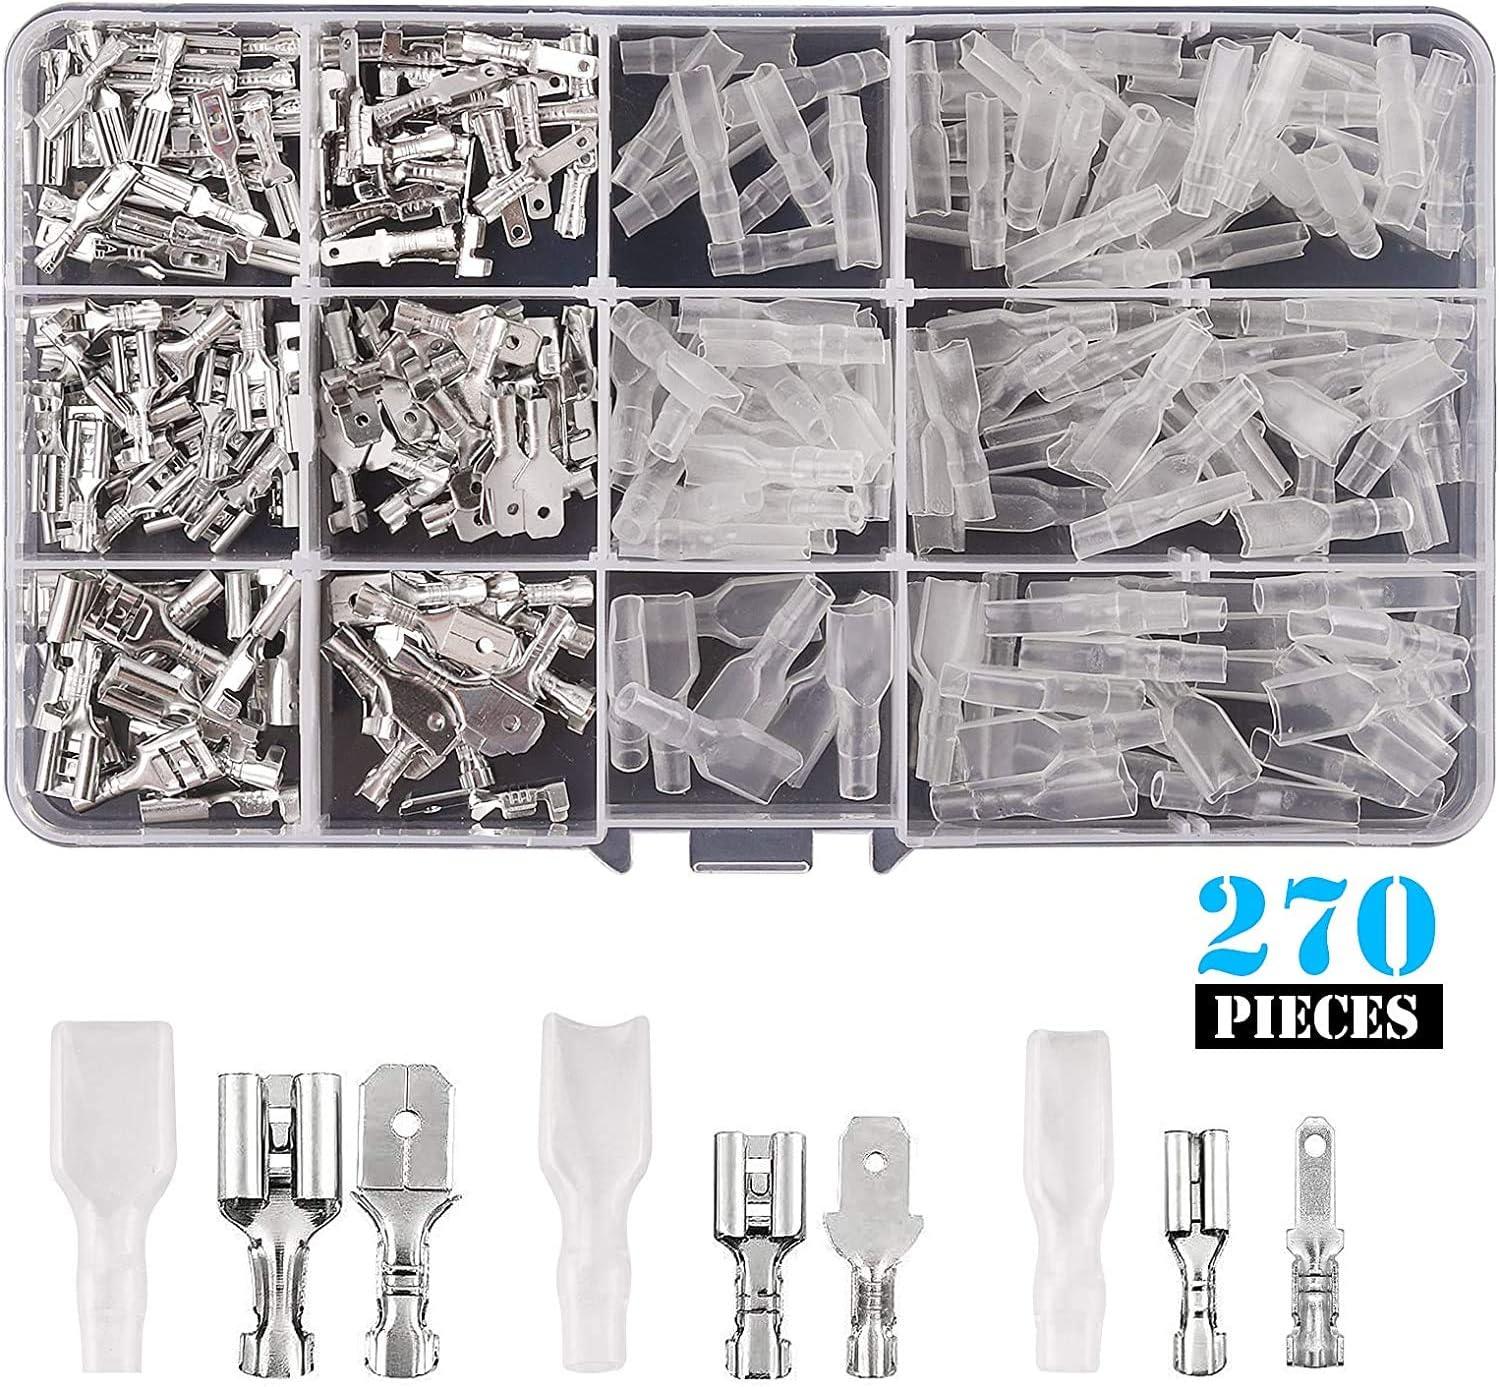 270 St/ück Flachsteckh/ülsen Set M/ännliche/&weibliche Kabelschuh 2,8 4,8 6,3MM Crimpverbinder Mit Isolierh/ülse